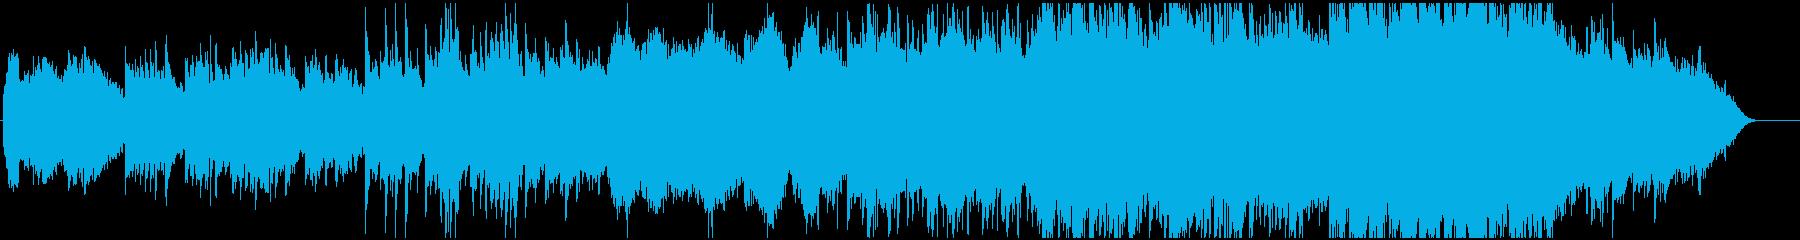 穏やかなでゆっくりなメロディーの再生済みの波形